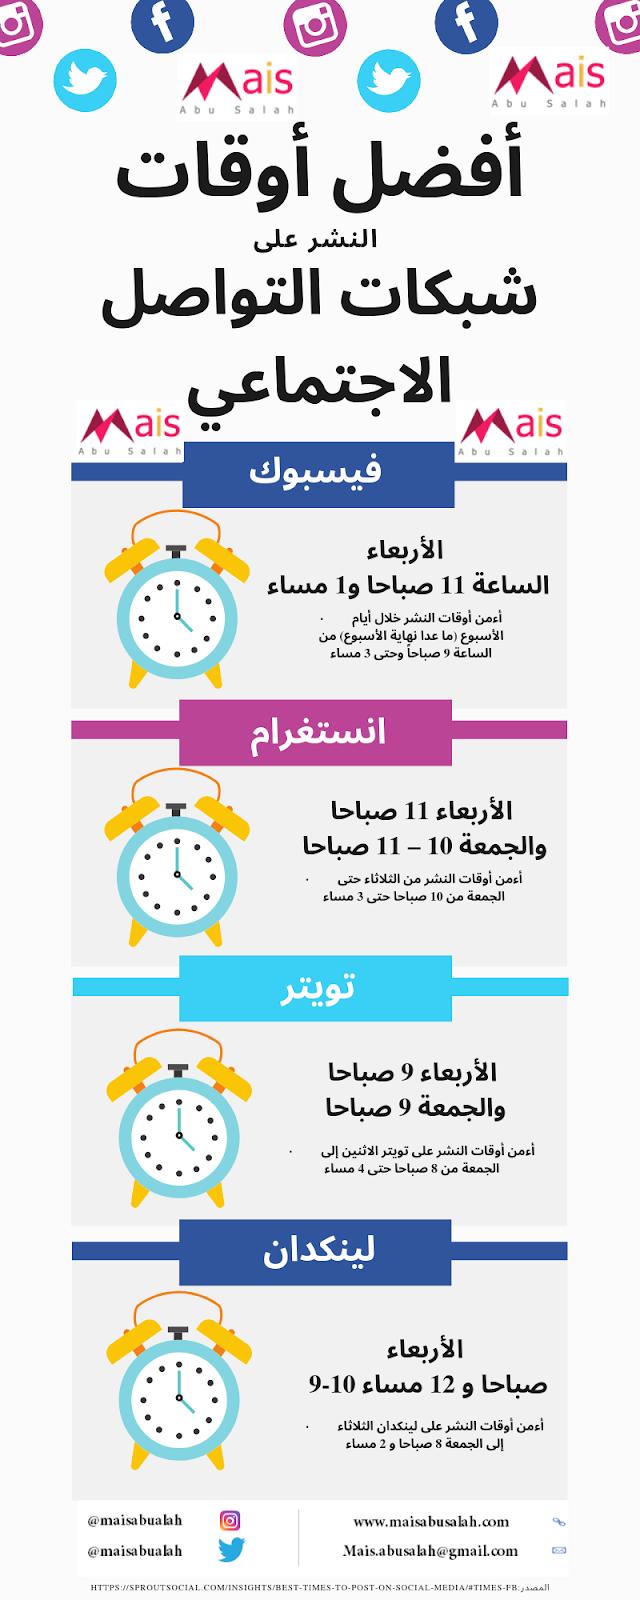 أفضل أوقات النشر على شبكات التواصل الاجتماعي 2019 #انفوجرافيك #انفوجرافيك_عربي